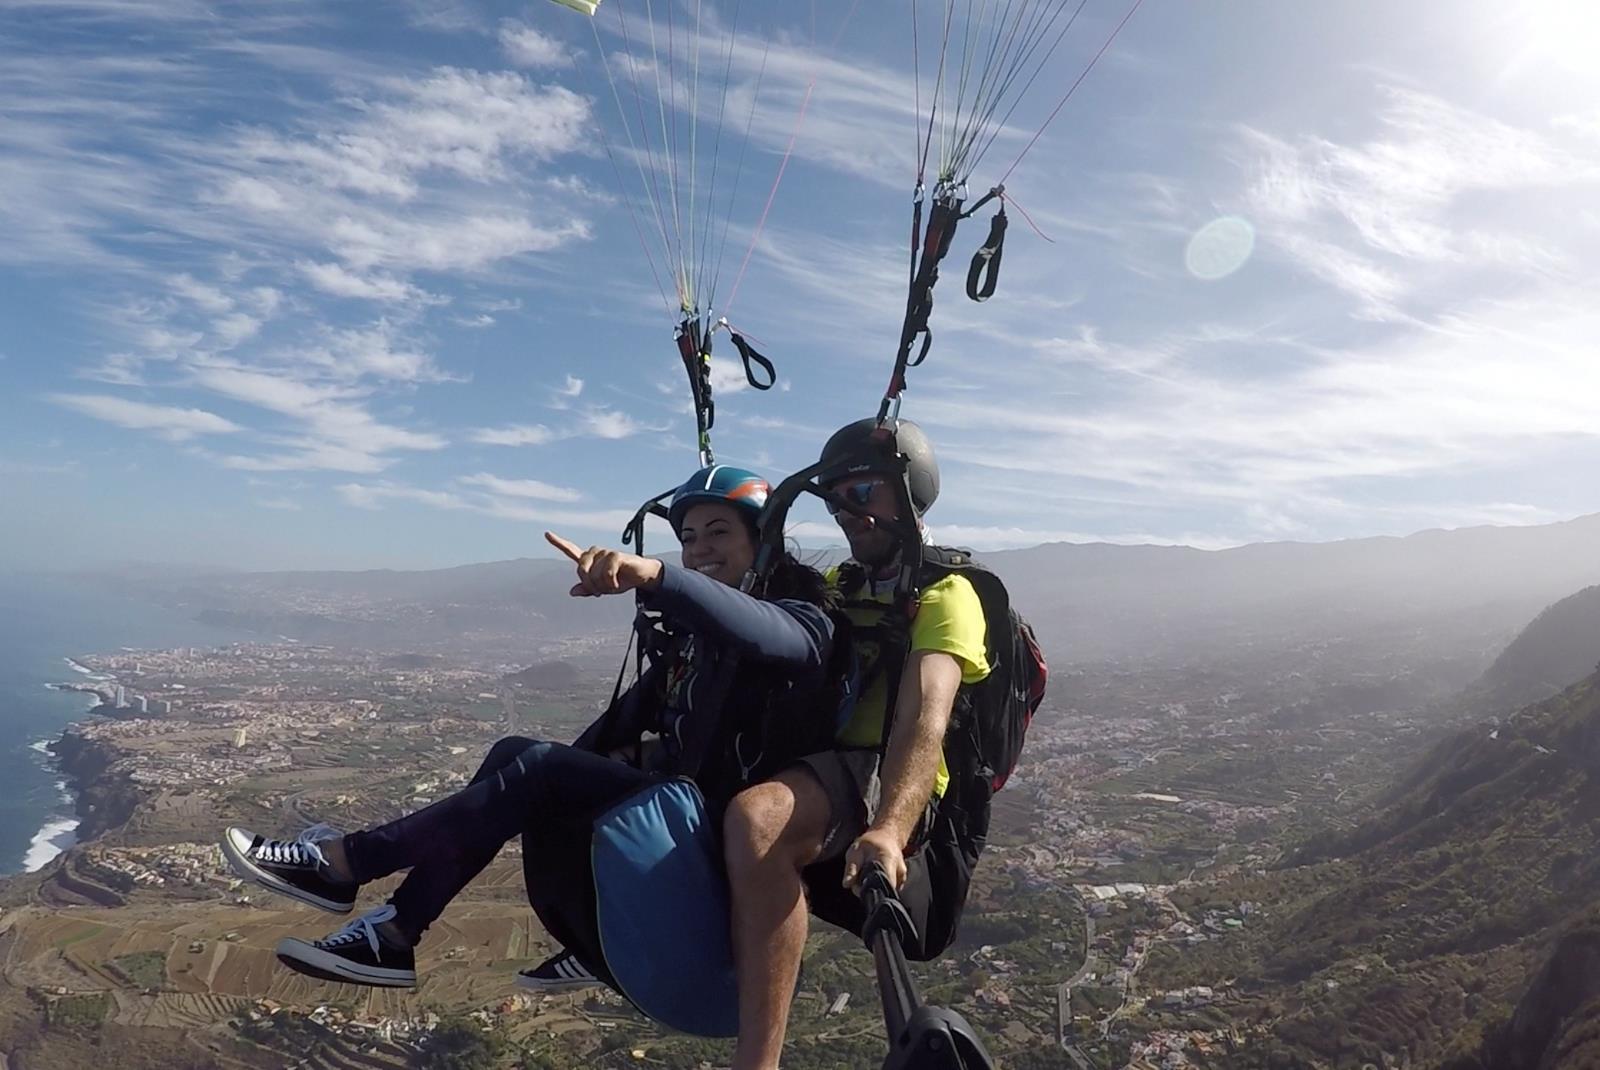 Paragliding-Tandem-Flight-in-Adeje-3